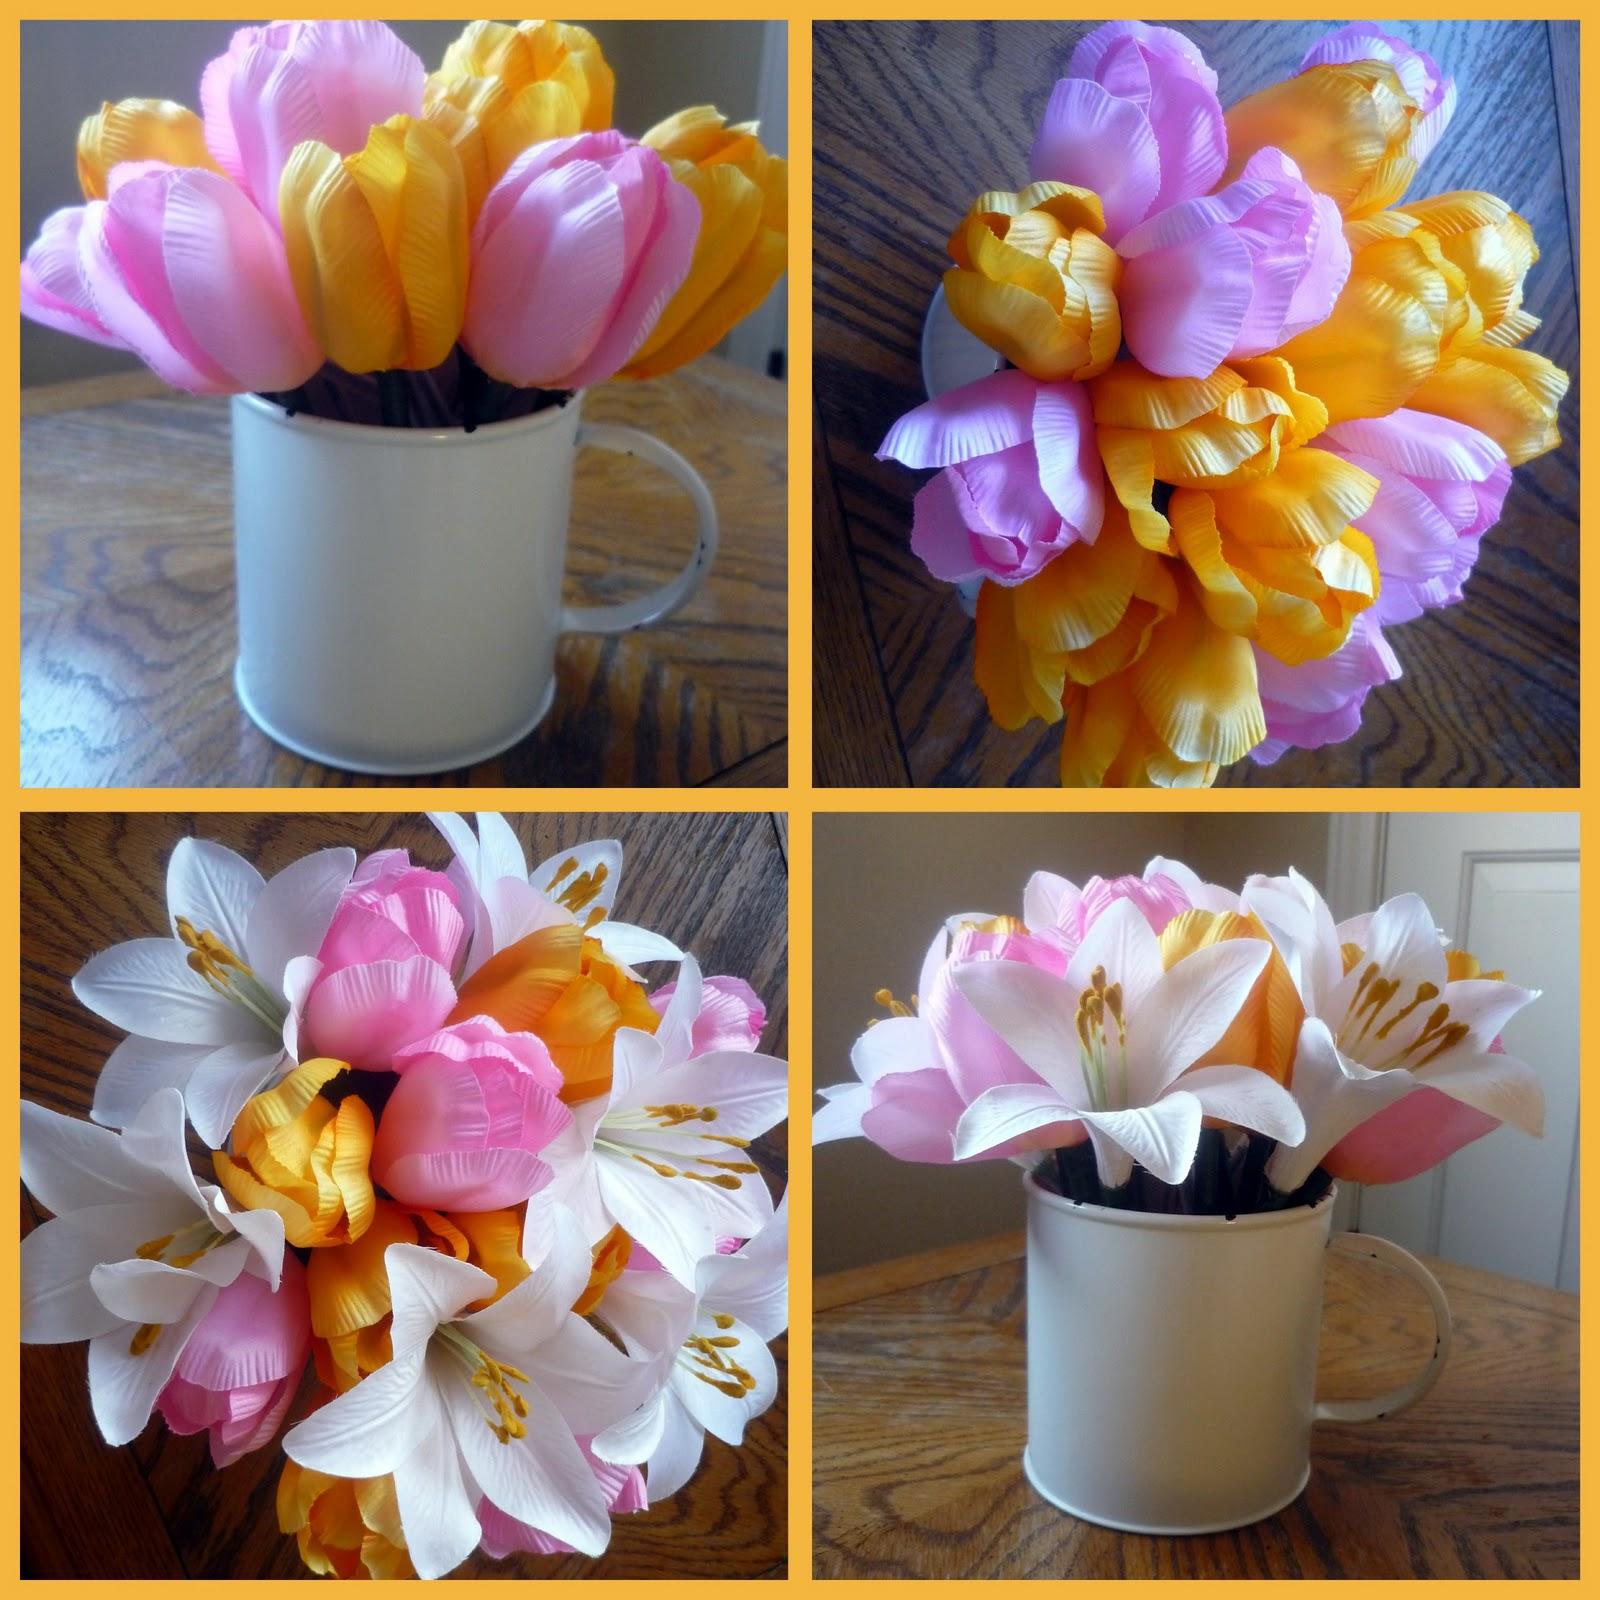 Snips & Spice: Flower Pens